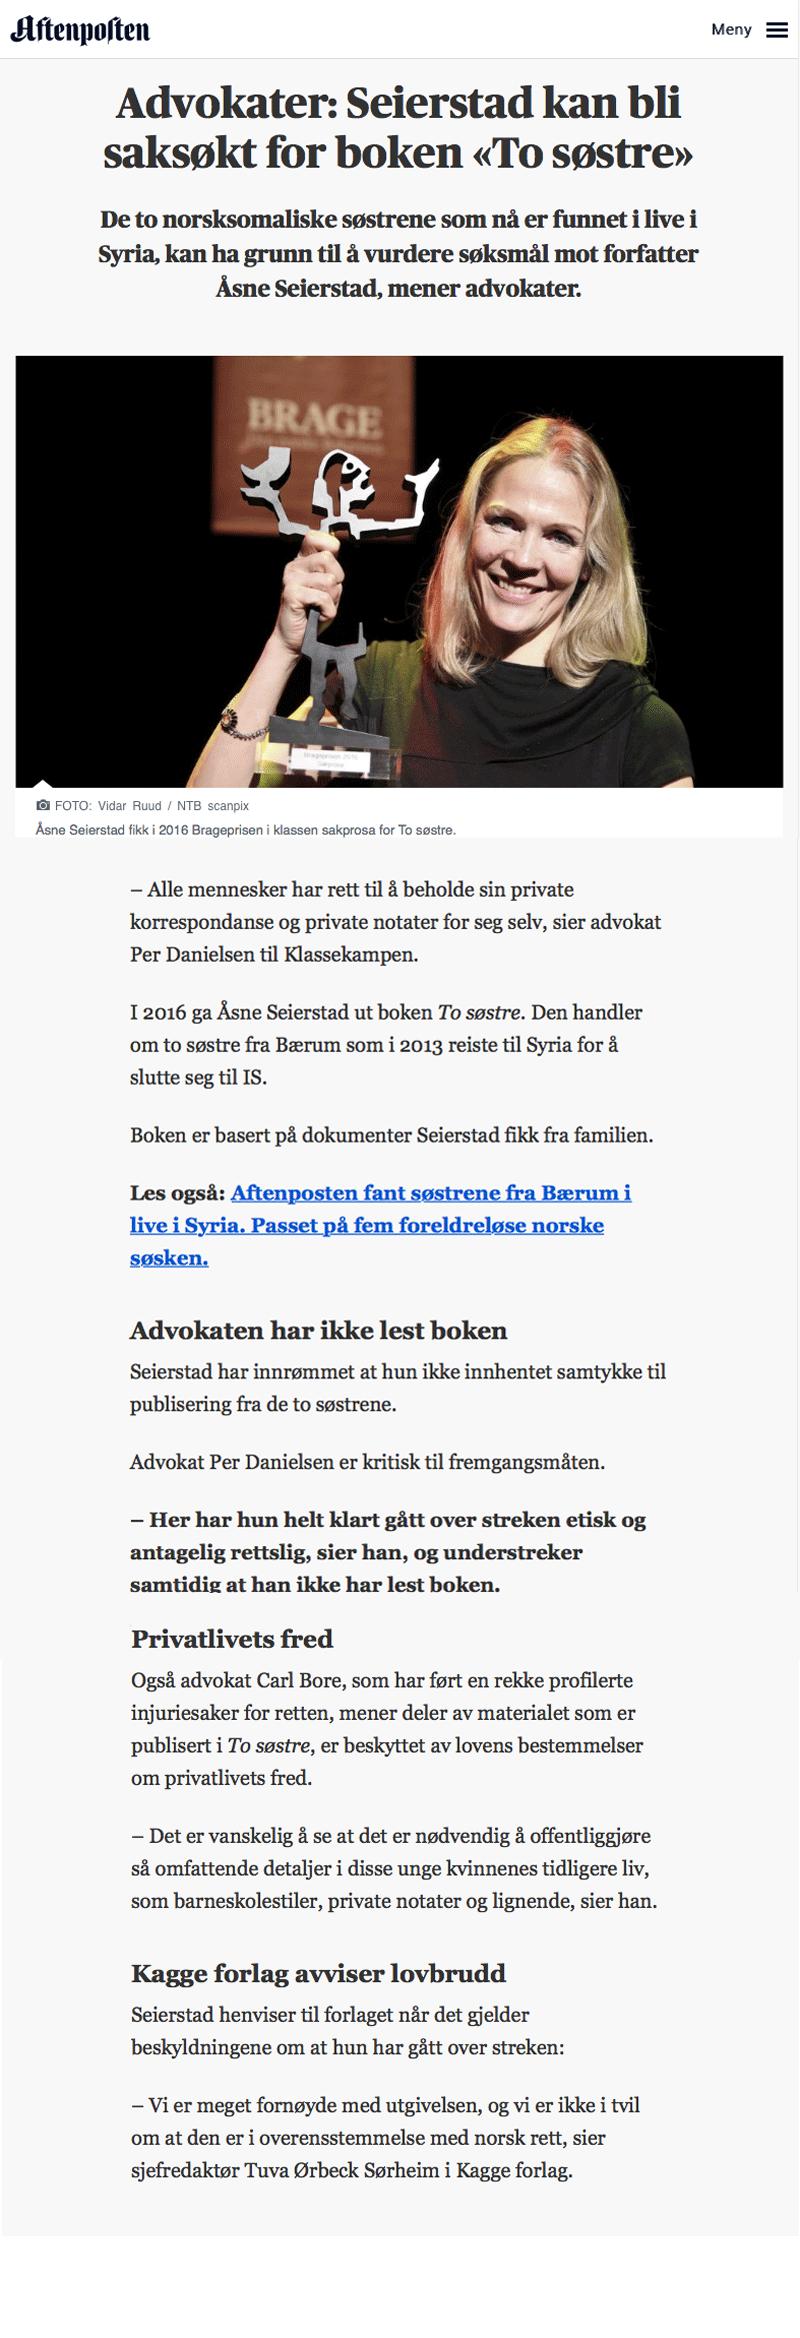 Seierstad kan bli saksøkt for boken to søstre. Alminnelig praksis. Advokat Danielsen & Co. Per Danielsen. Advokat i Oslo.